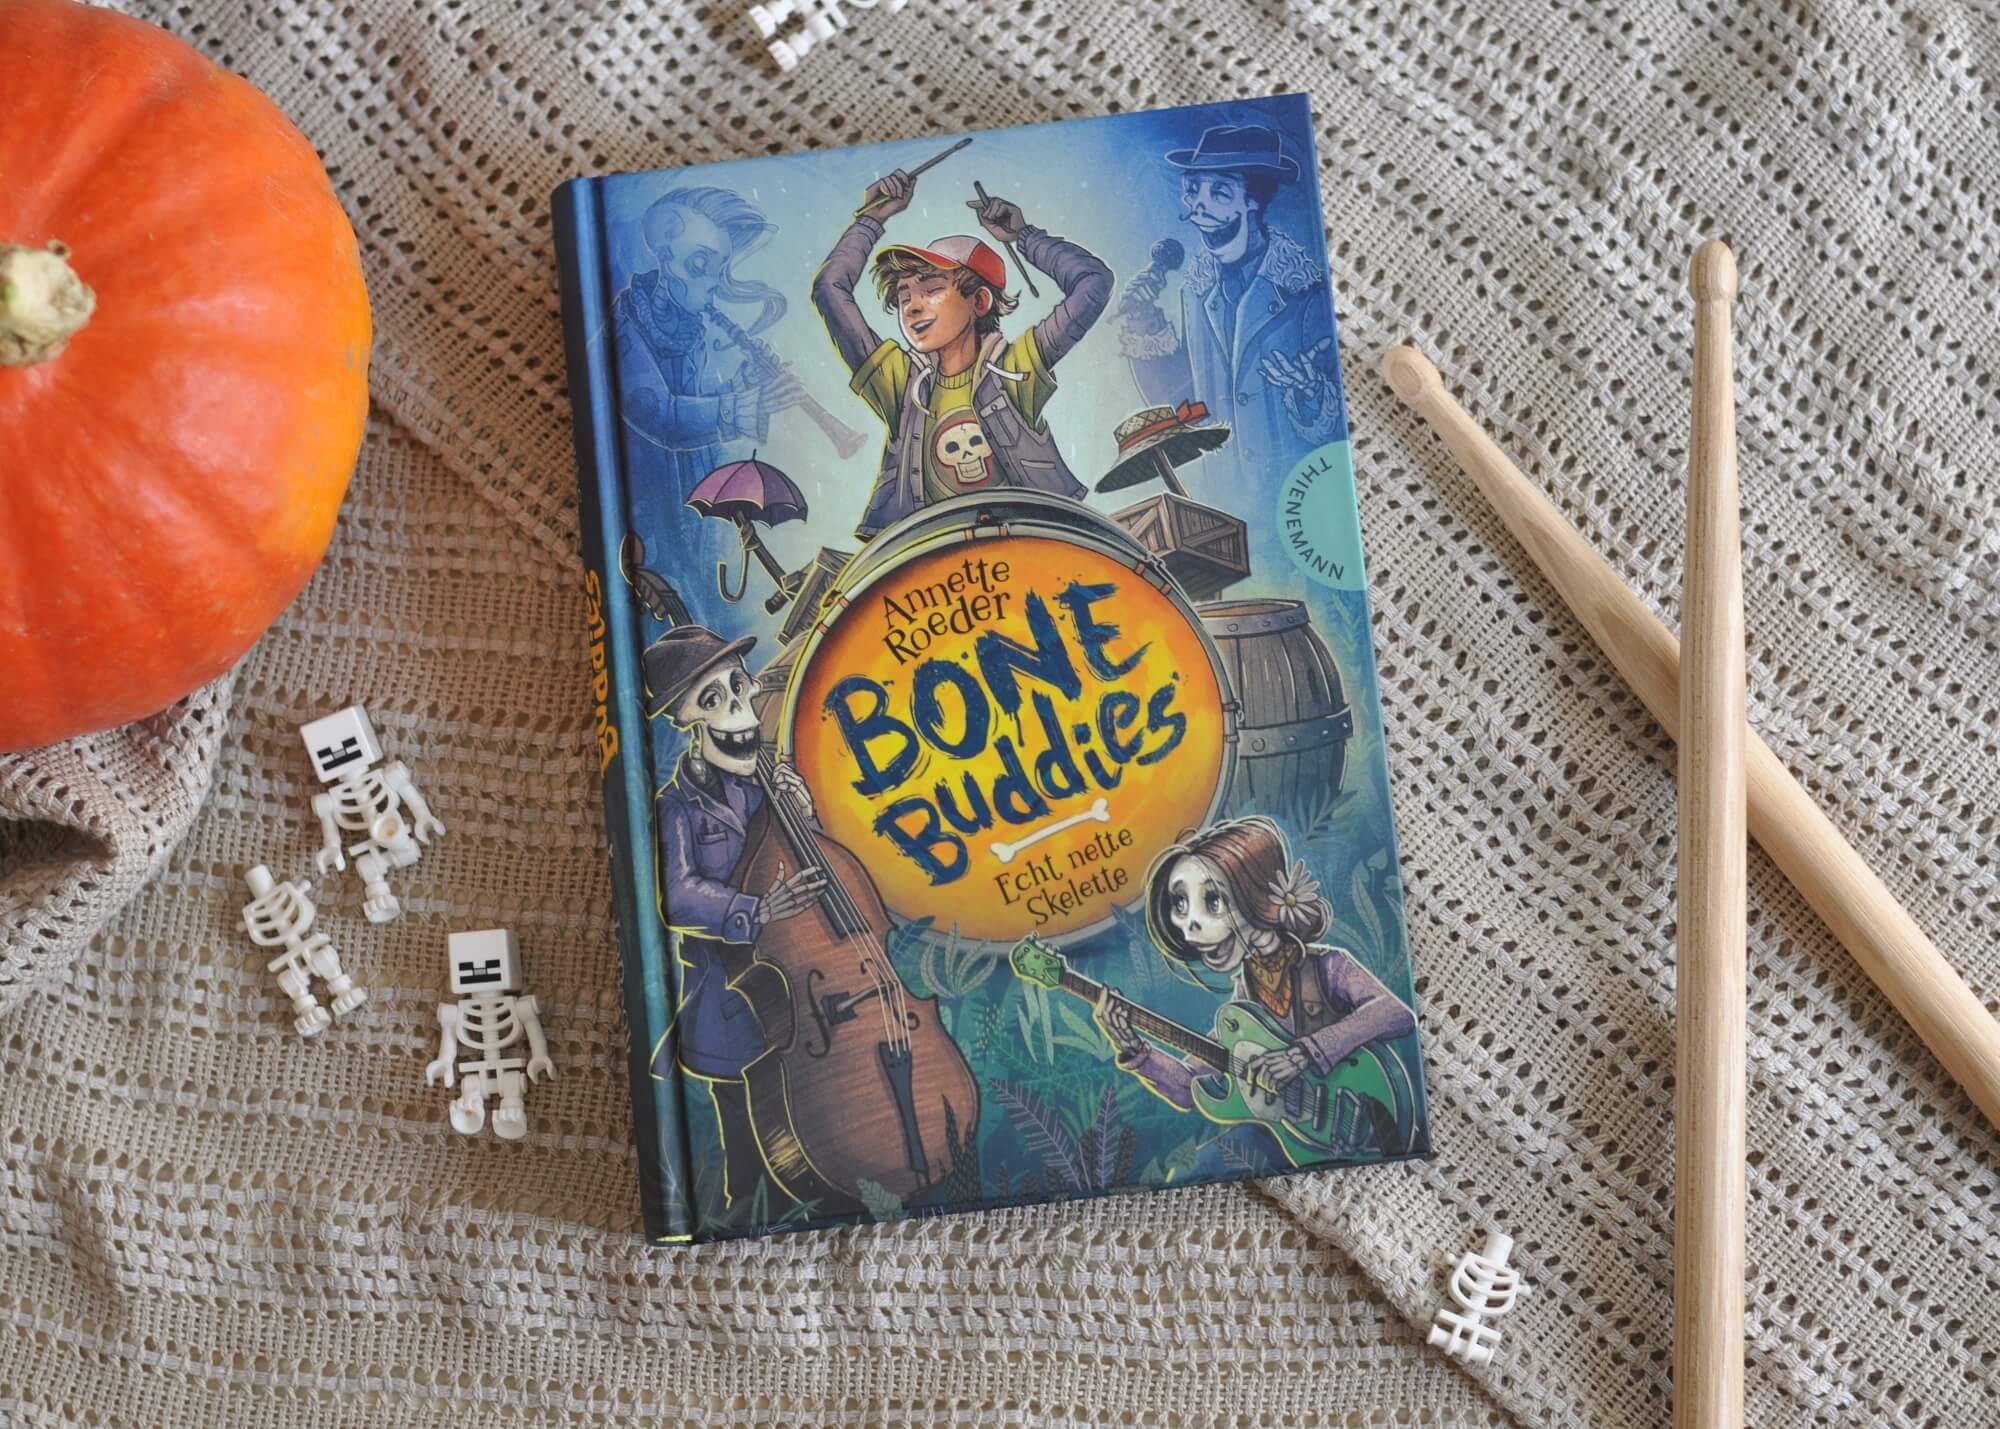 In Bone Buddies geht es nicht nur um Familie, sondern auch um Freundschaft und Zusammenhalt. Denn die fünf Skelette, die unterschiedlicher nicht sein könnten, schaffen es wirklich, sich zusammenzuraufen und Aldo zu helfen. #halloween #skelette #kinderbuch #lesen #vorlesen #geister #band #familie #freundschaft